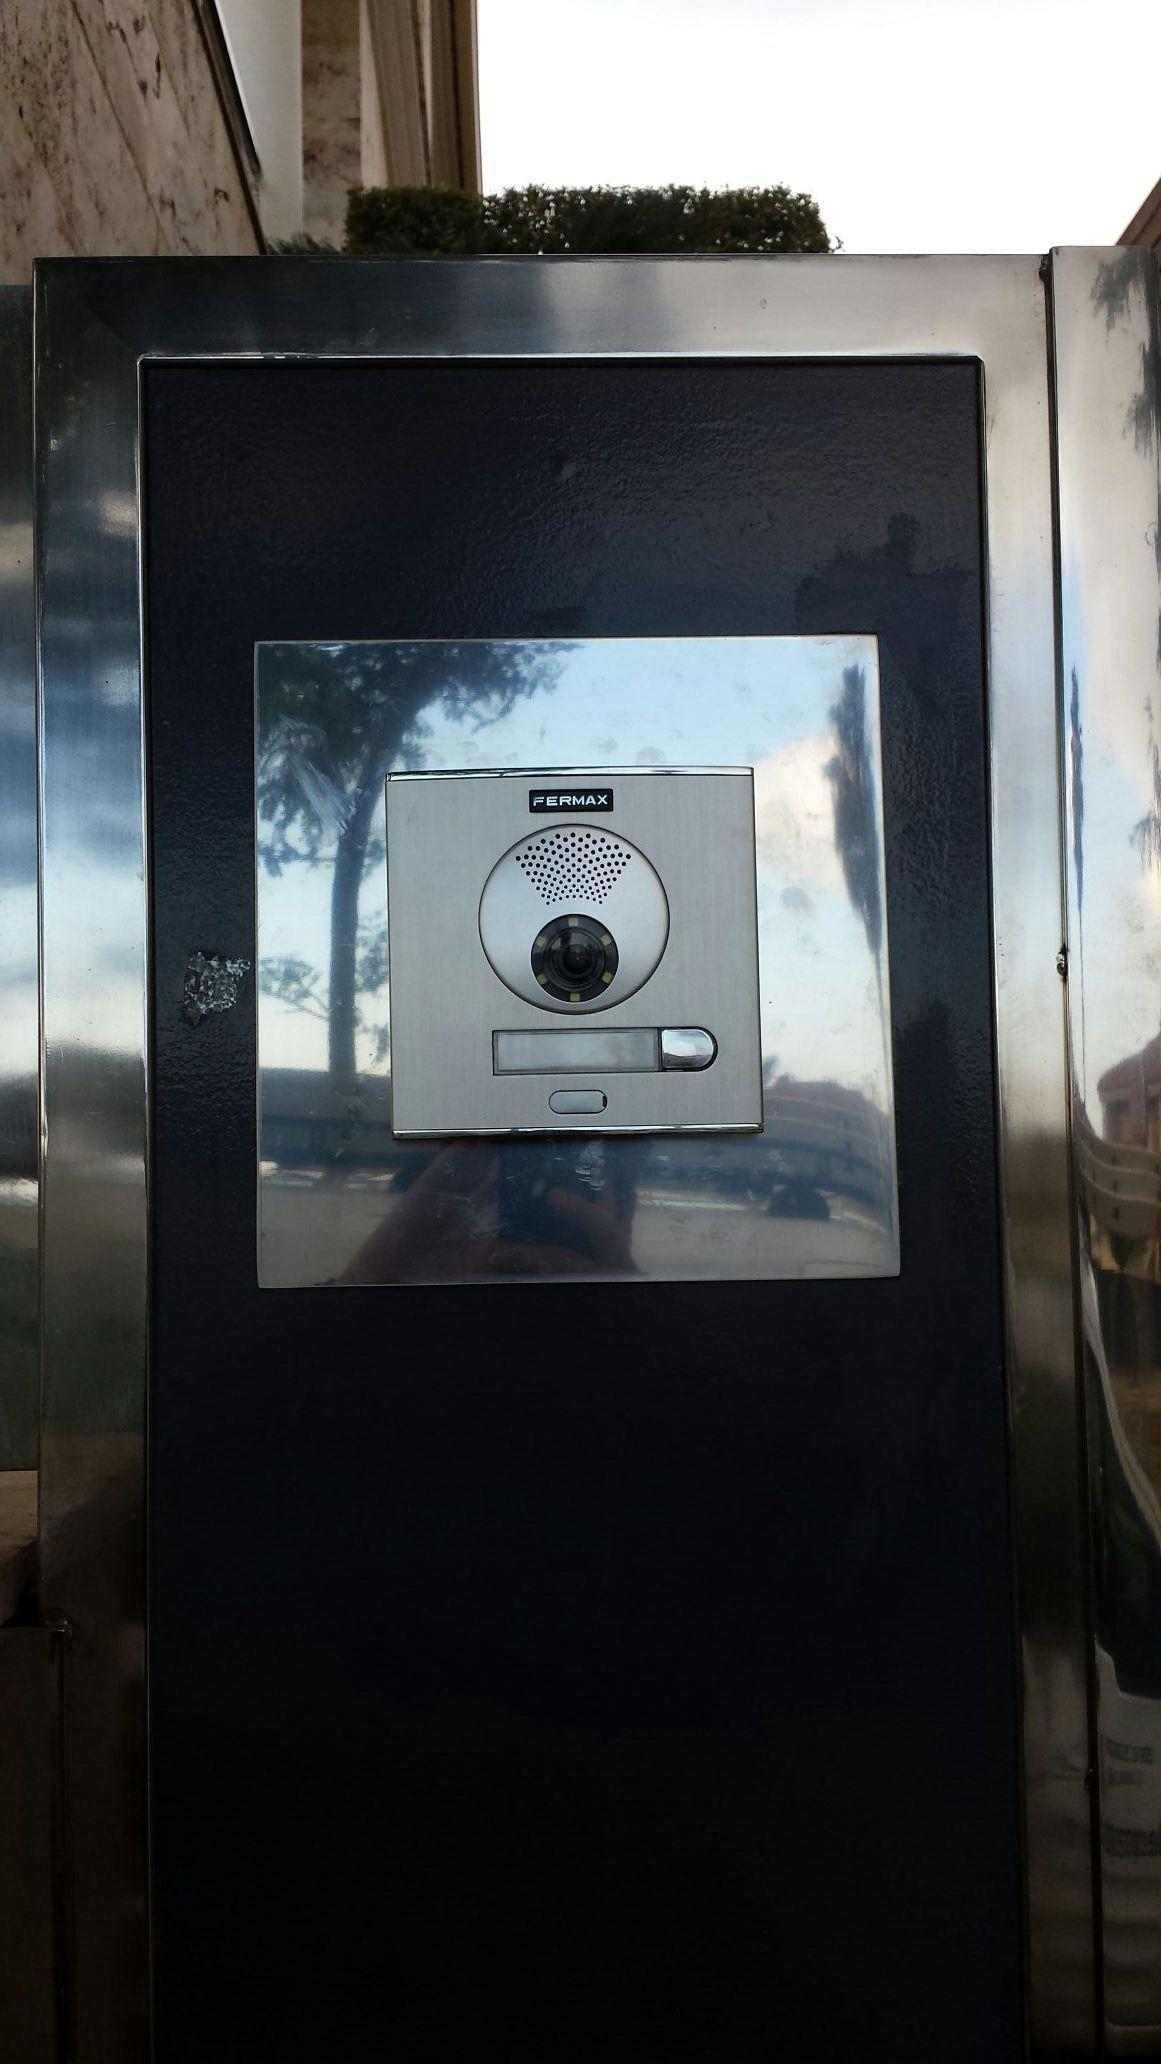 Nueva reposición de videoportero Fermax. Cambio de placa exterior por nuevo equipo Fermax vds color, monitor loft vds color memory. #interfono, #videoportero, #reposicion, #fermax